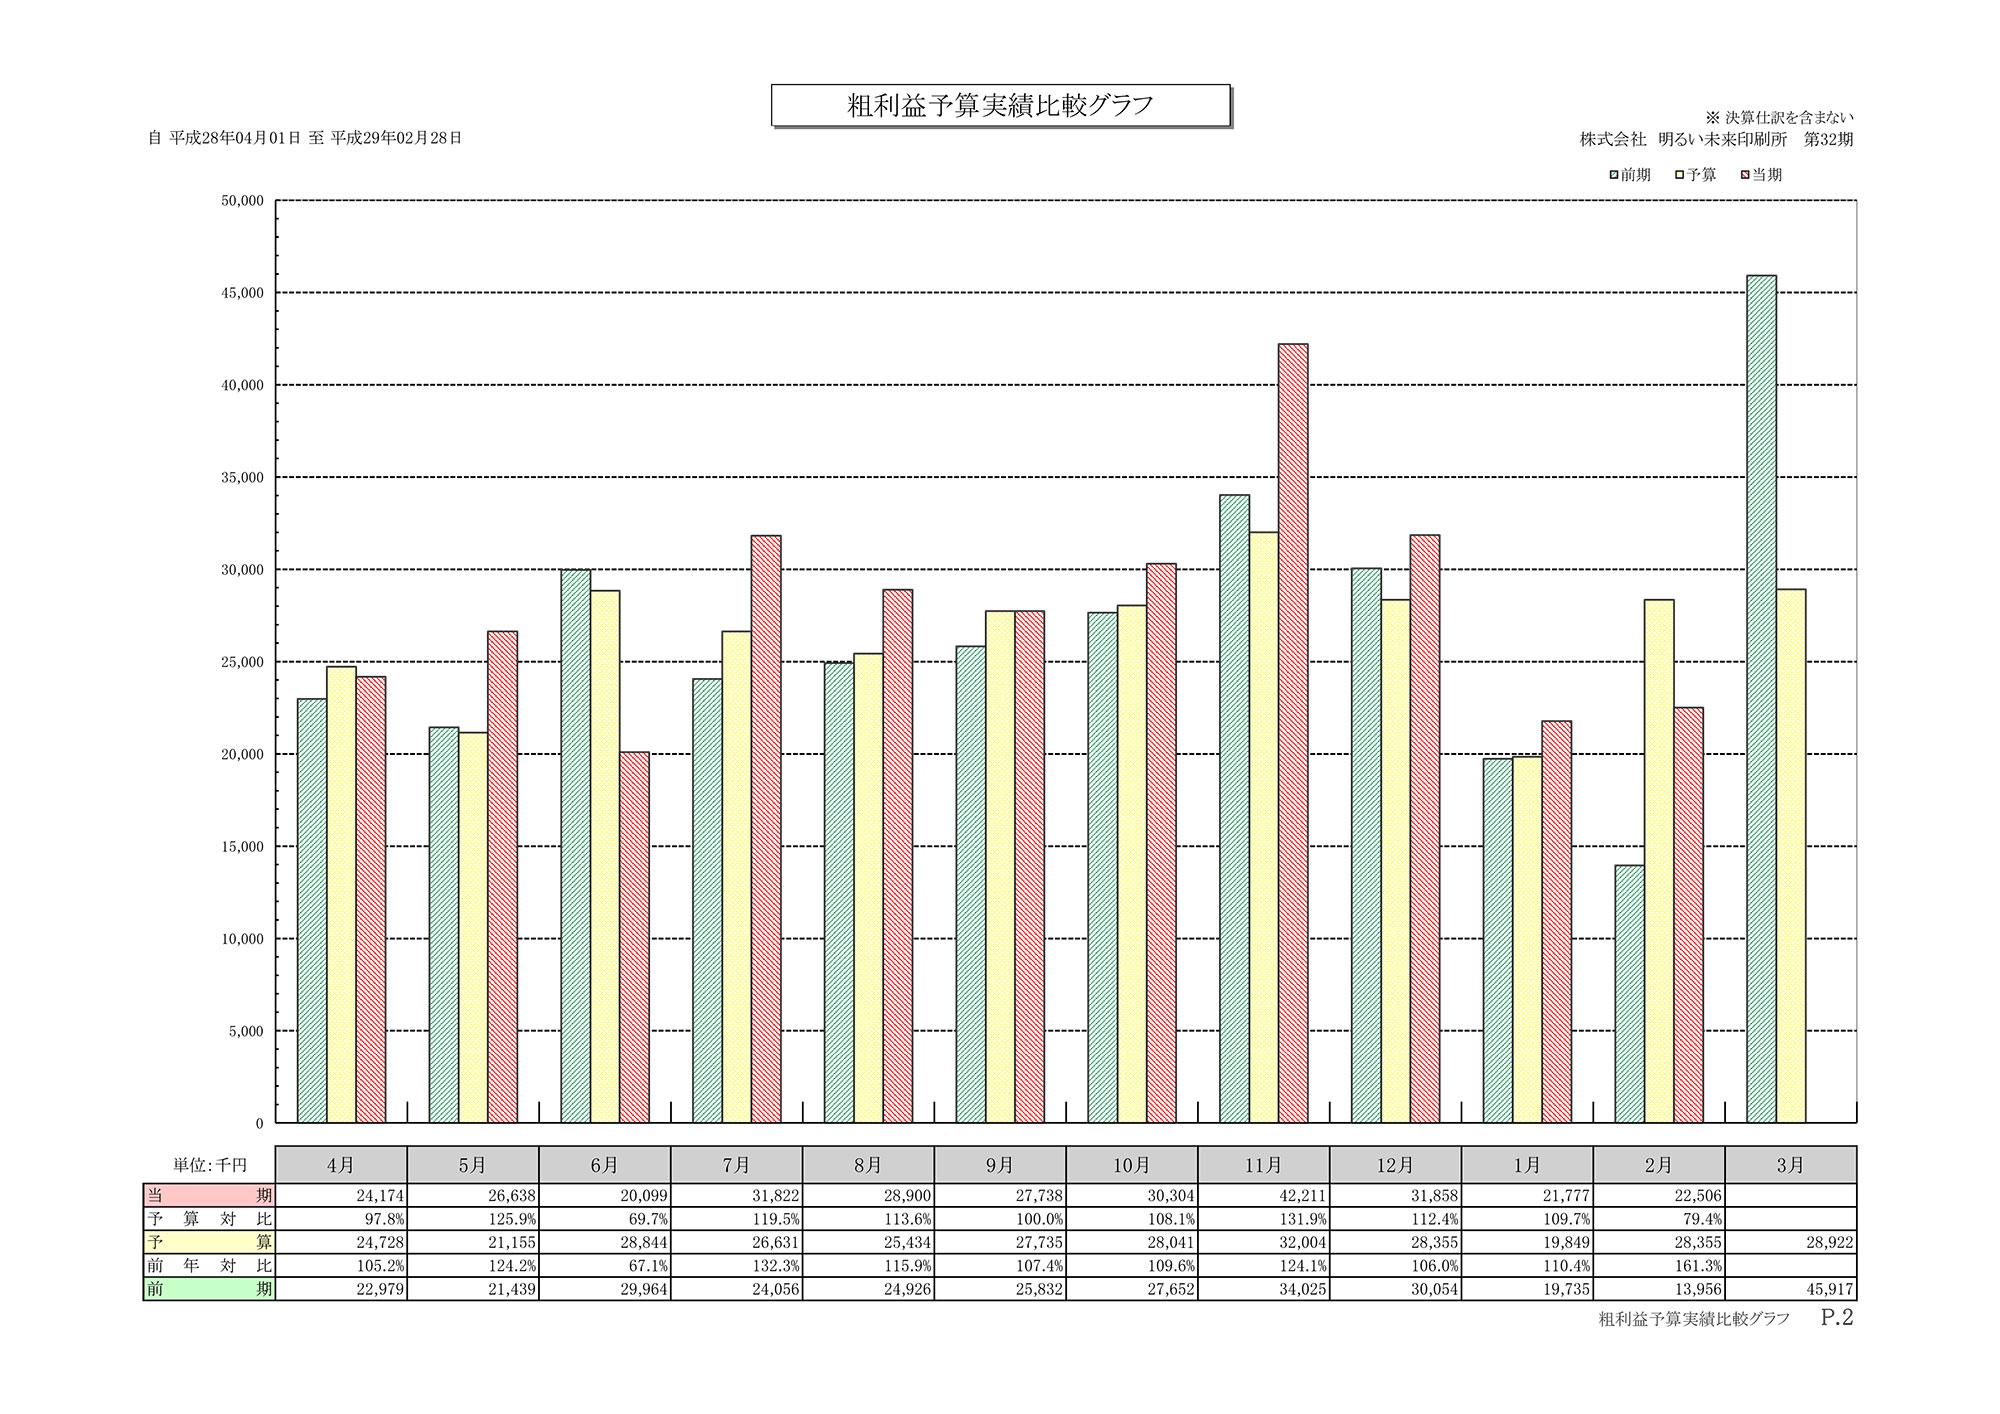 粗利益予算実績比較グラフ